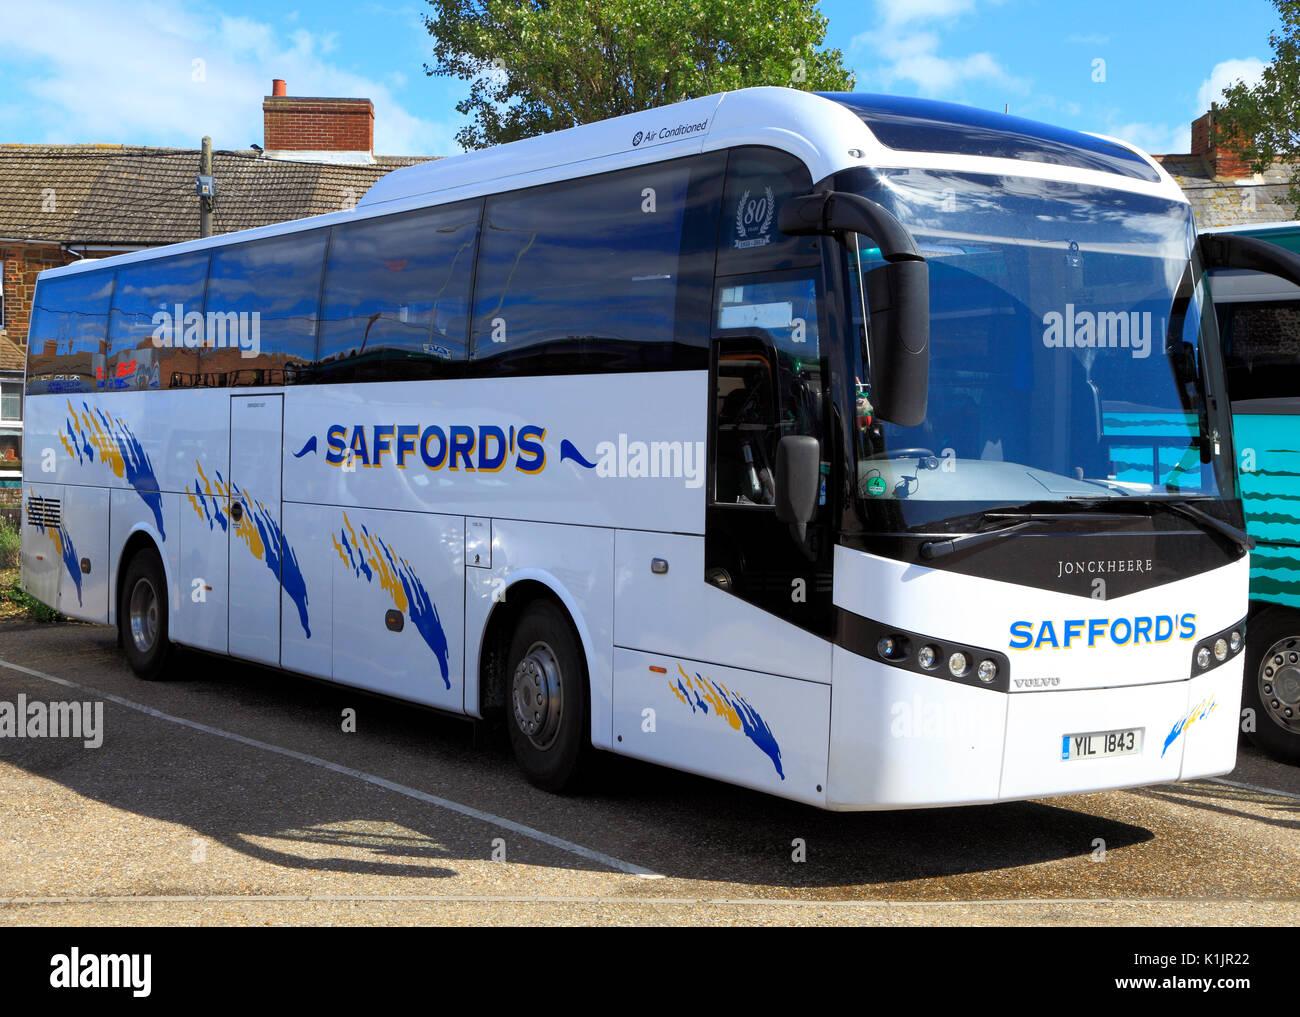 Saffords Coahes, Trainer, Tagesausflüge, Reise, reisen, Unternehmen, Firmen, Ausflug, Ausflüge, Transport, England, Großbritannien Stockbild